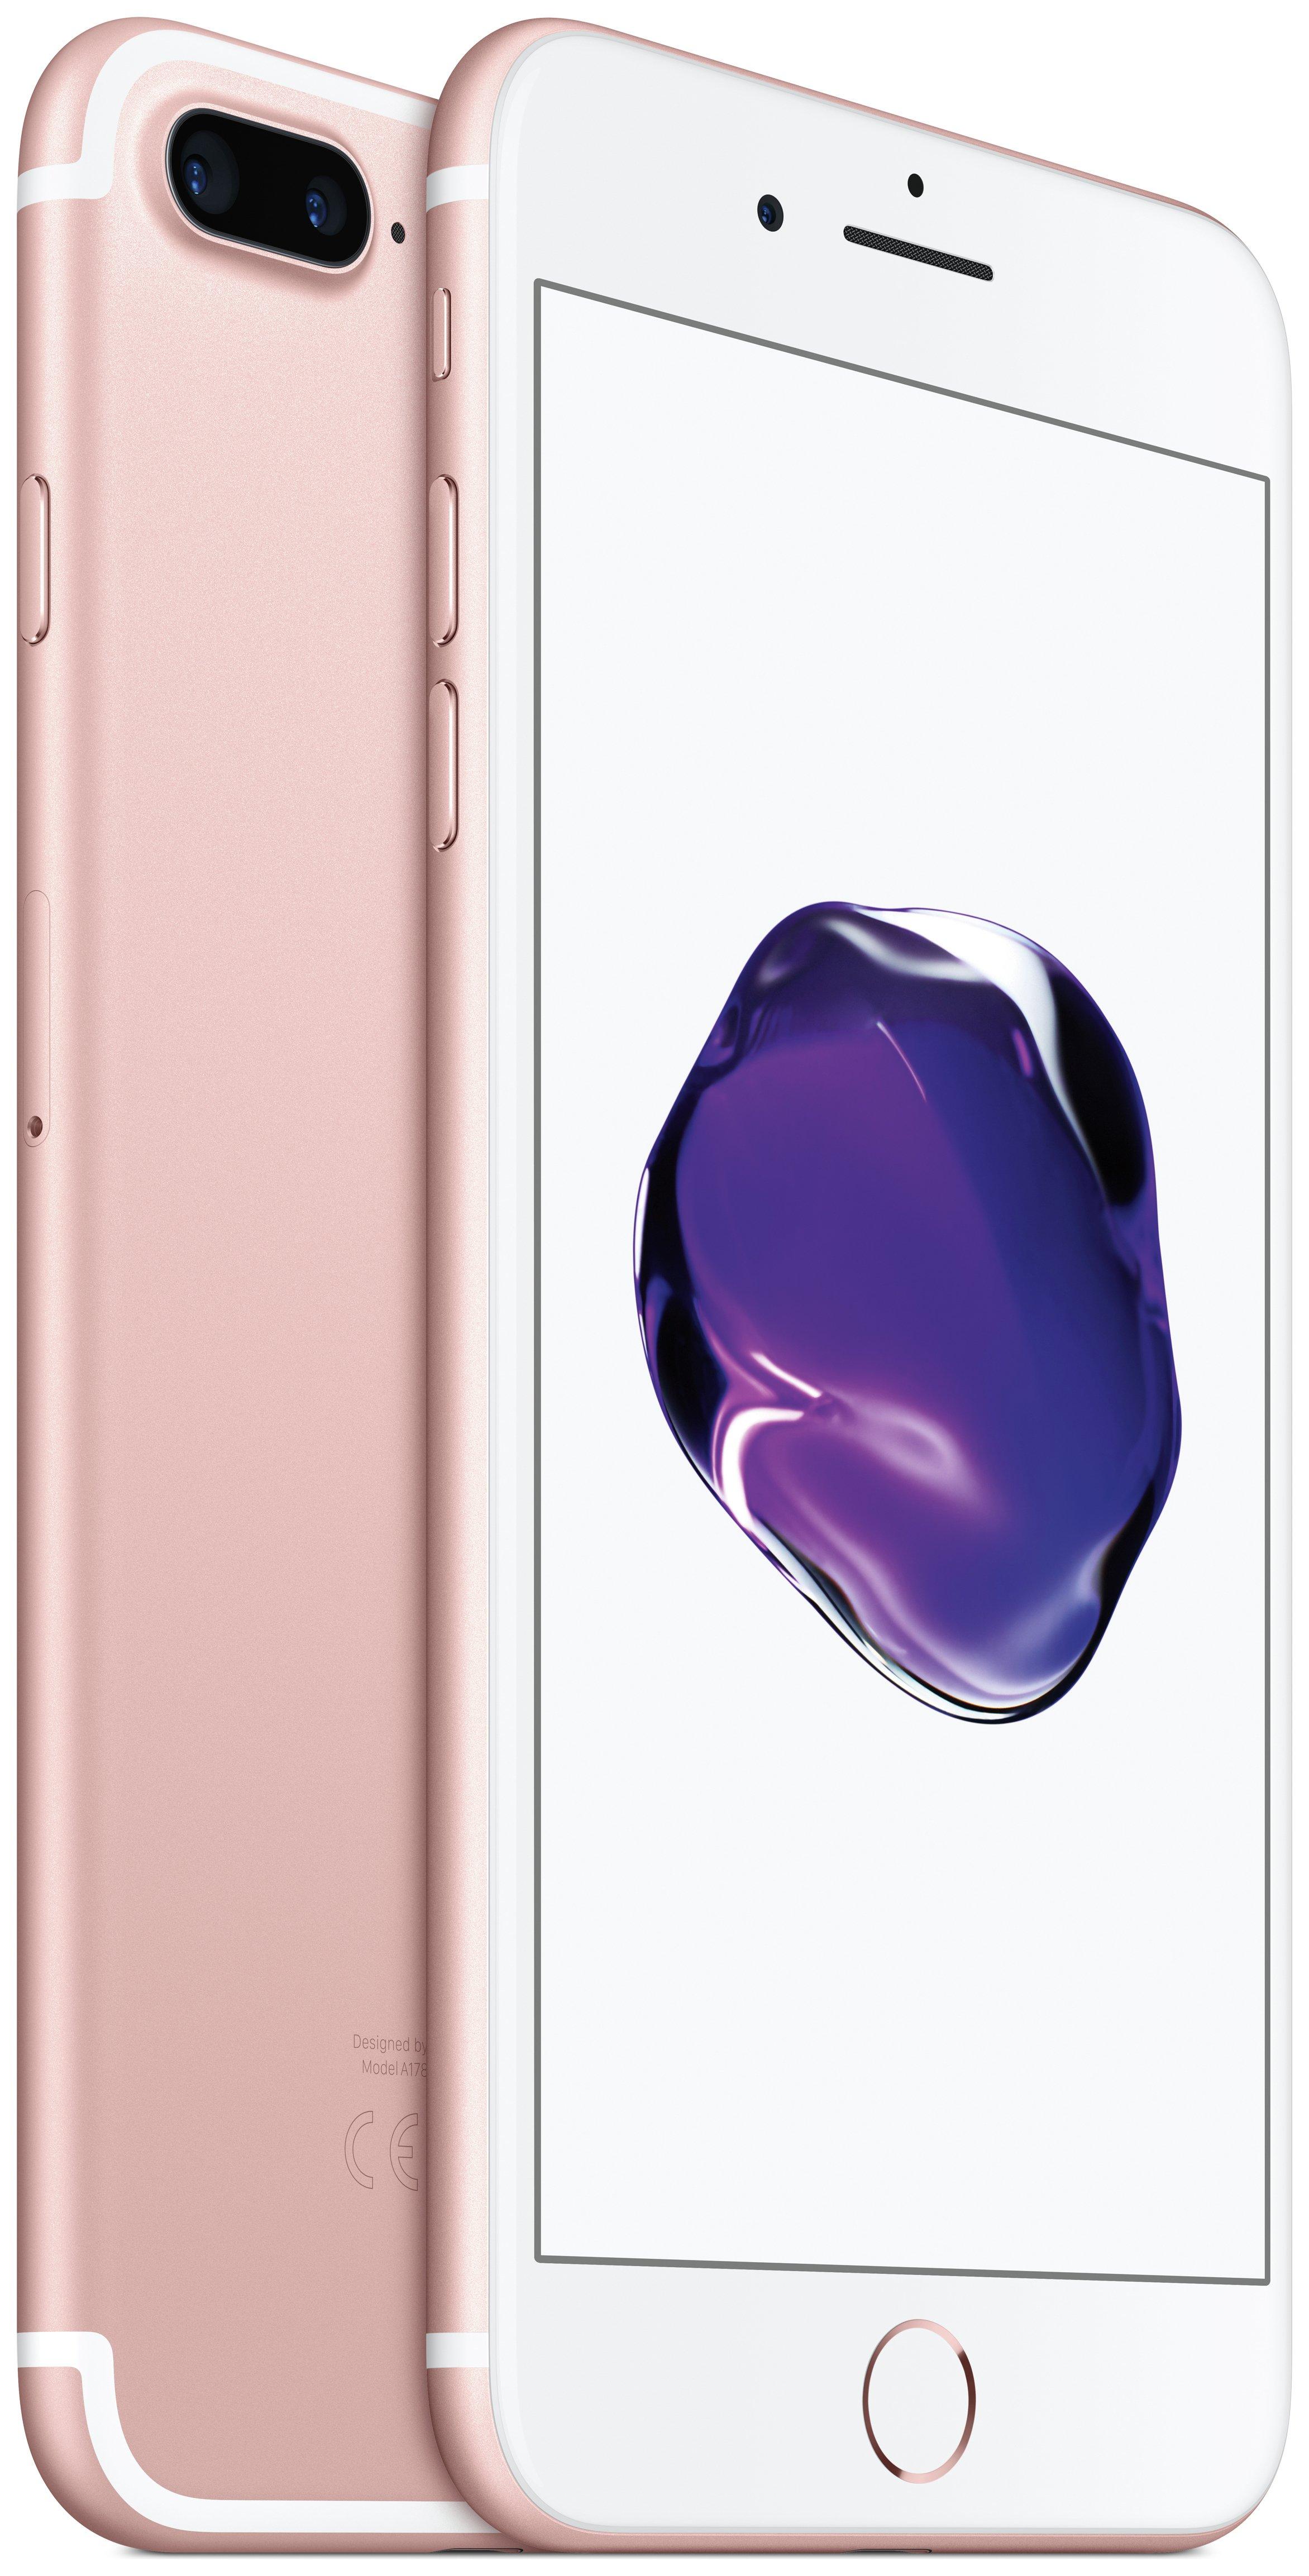 iphone 7 plus sim free